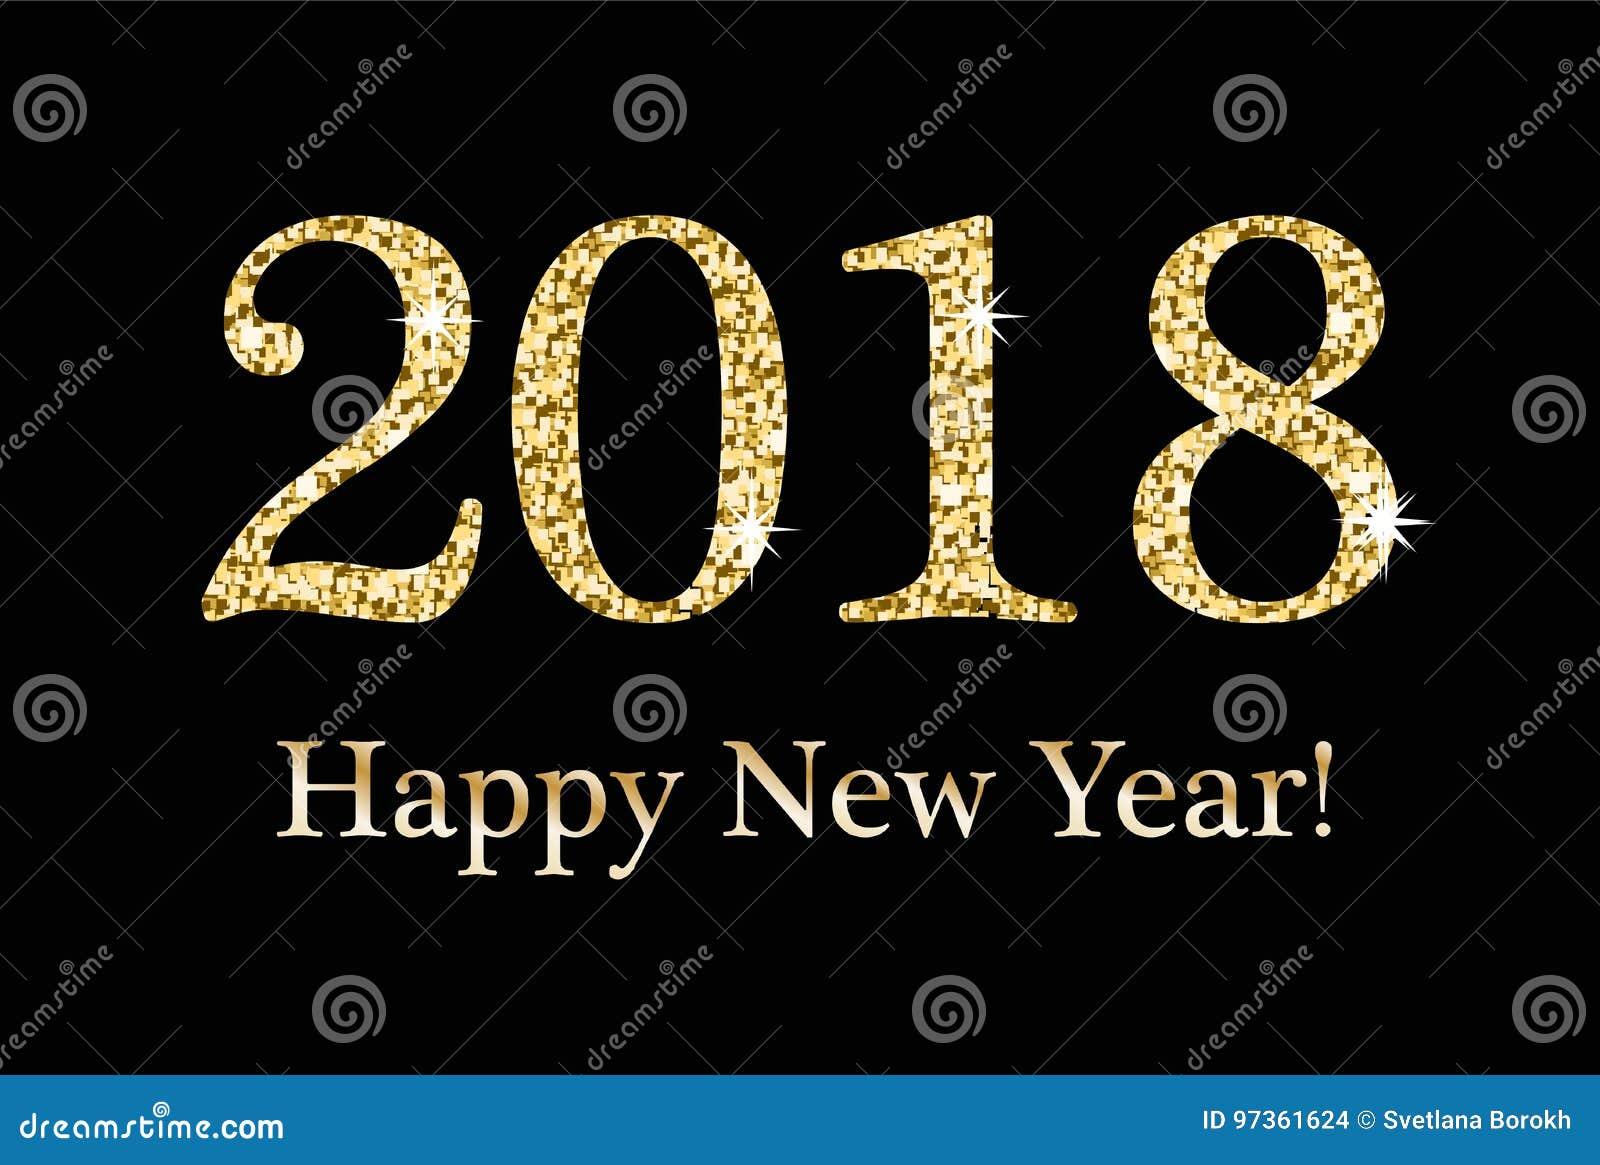 新年快乐,贺卡,您的设计的模板 2018年从金子闪烁的题字,衣服饰物之小金属片 闪耀